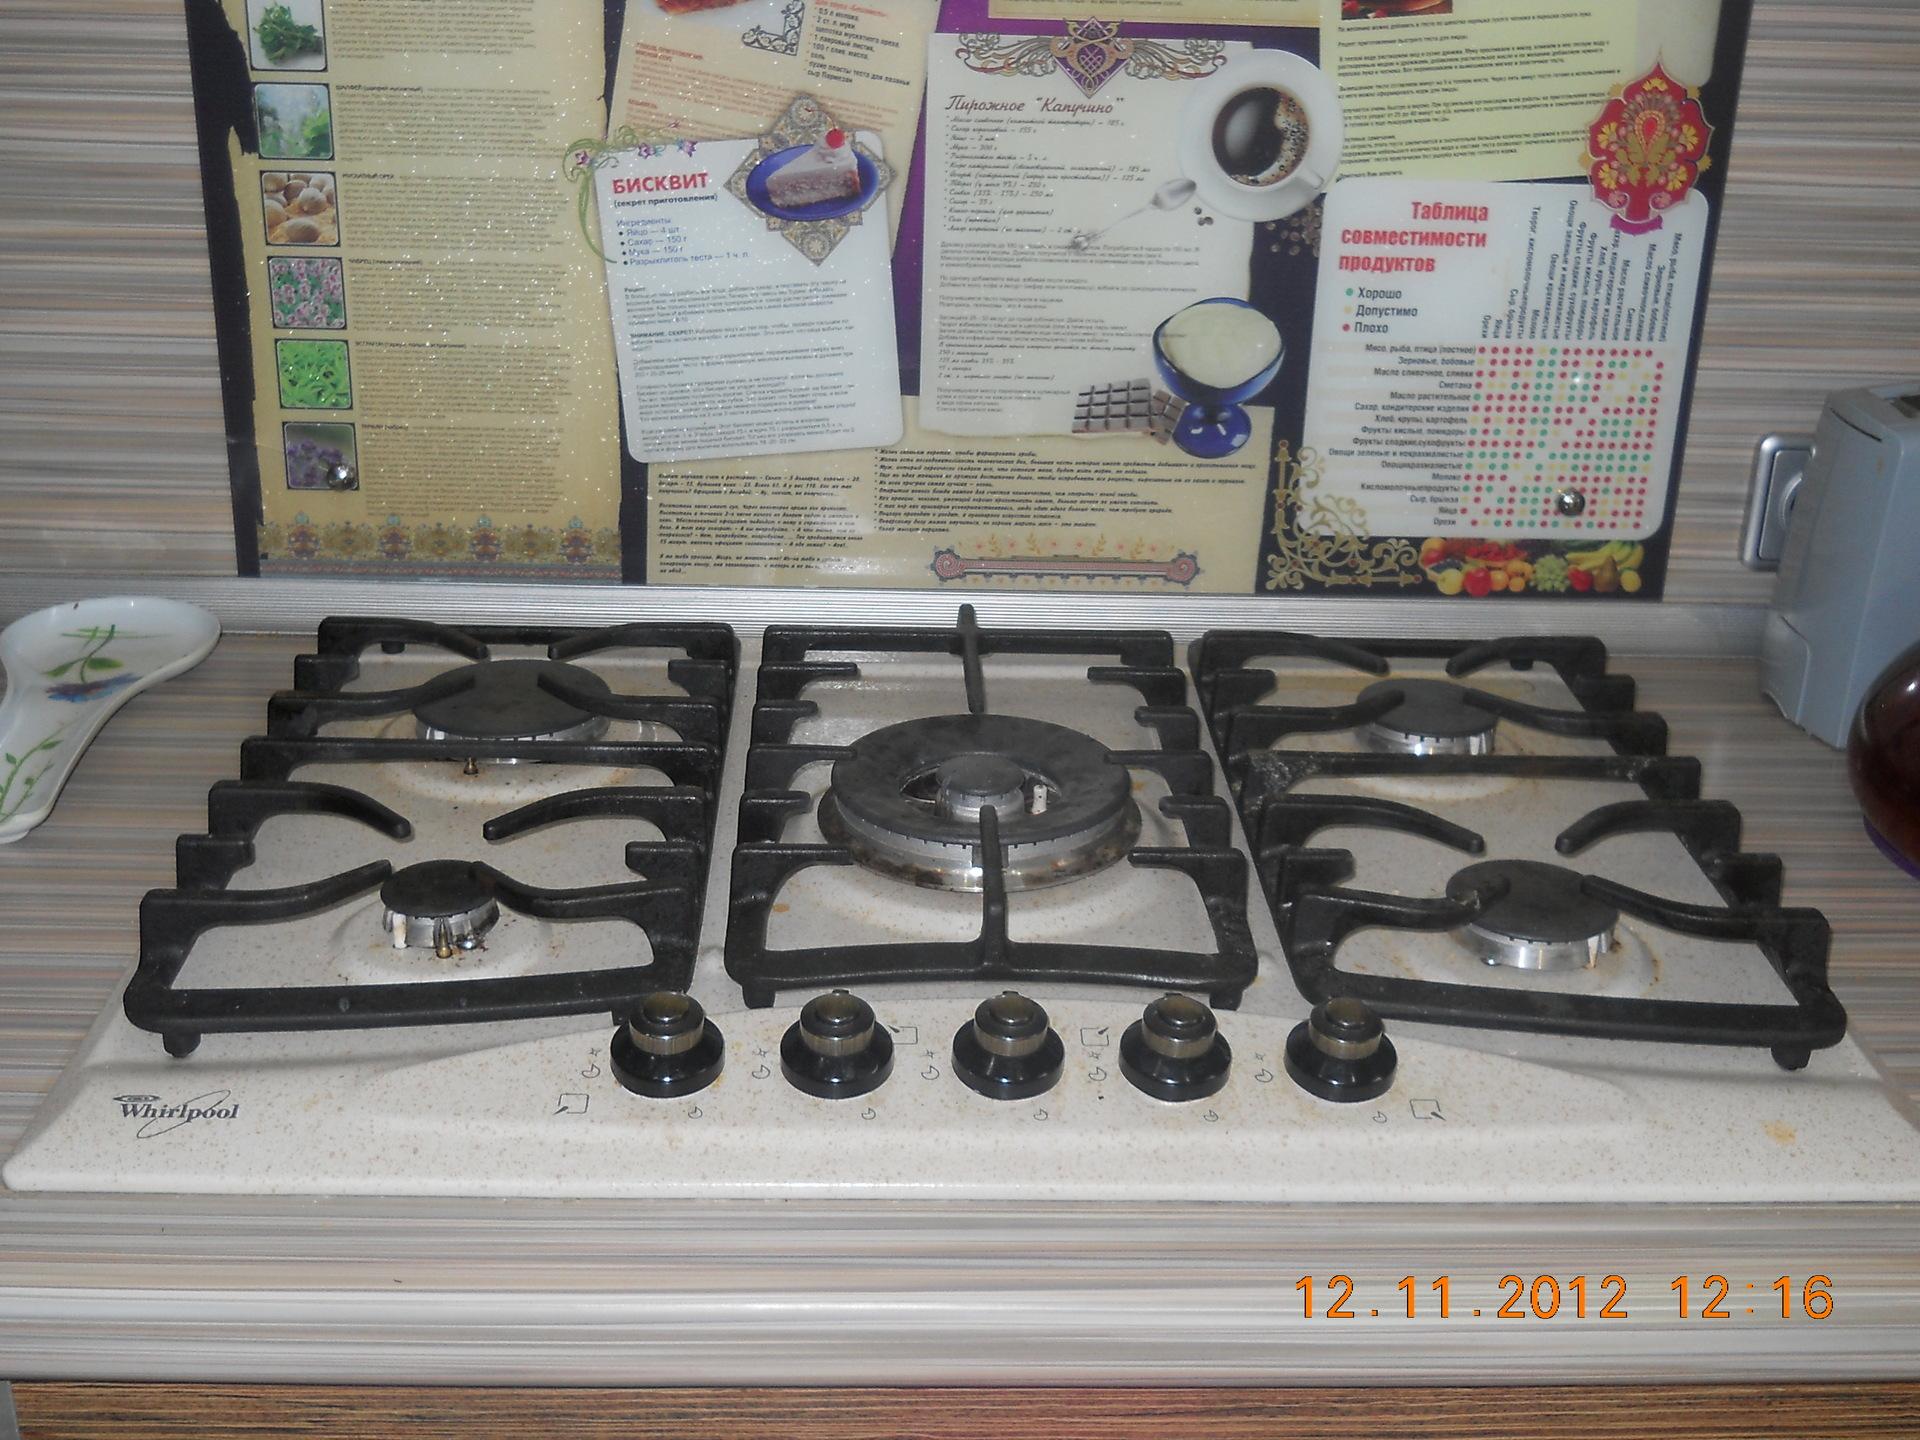 инструкция по установке на русском языке електрических варочных поверхностей горенье